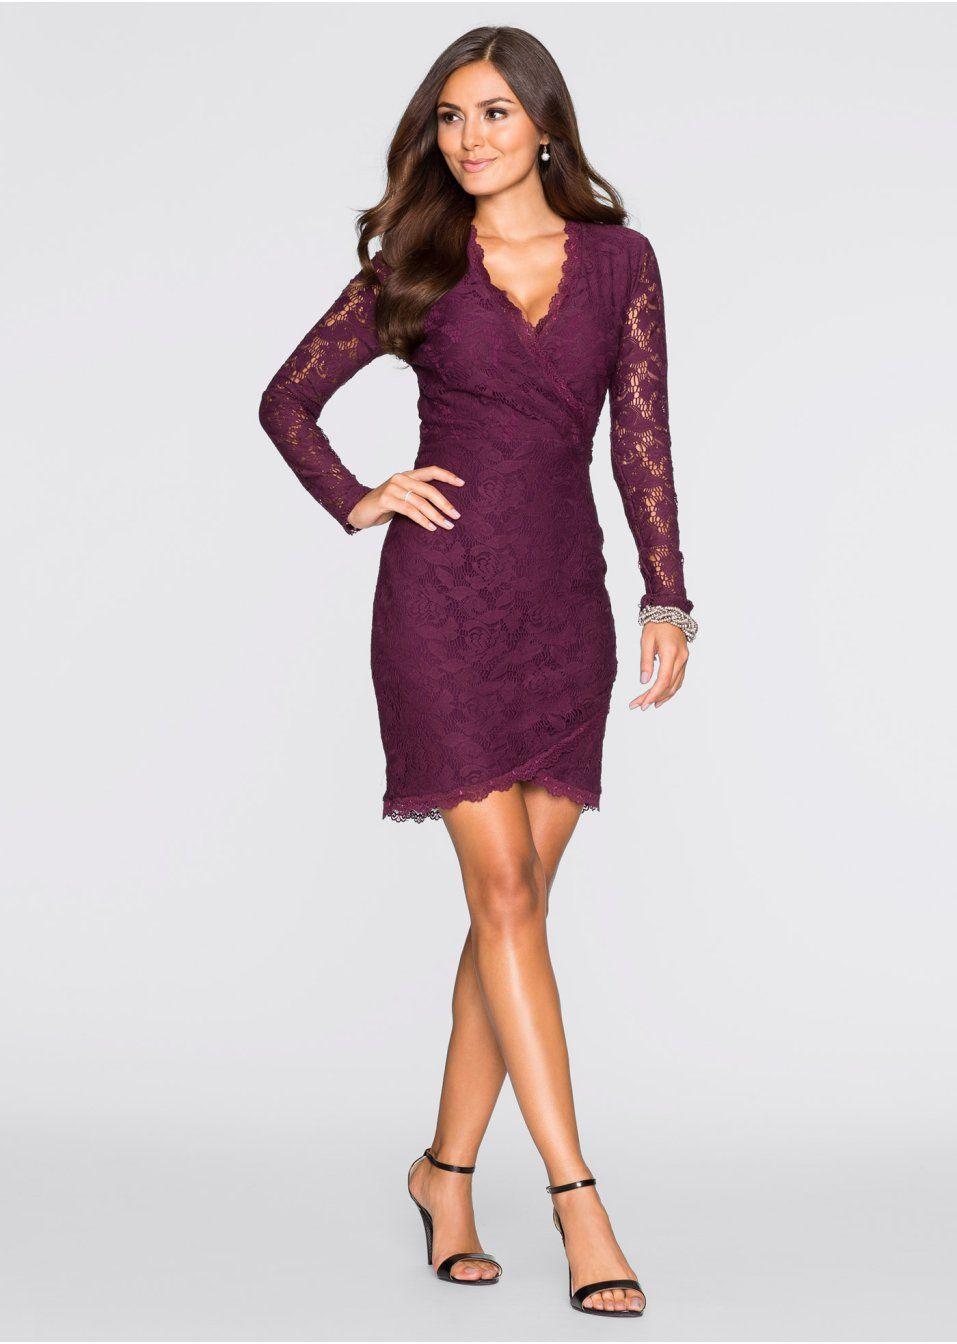 1088fc785 Čipkované šaty Pekné čipkované šaty s • 29.99 € • bonprix   Vencek a ...